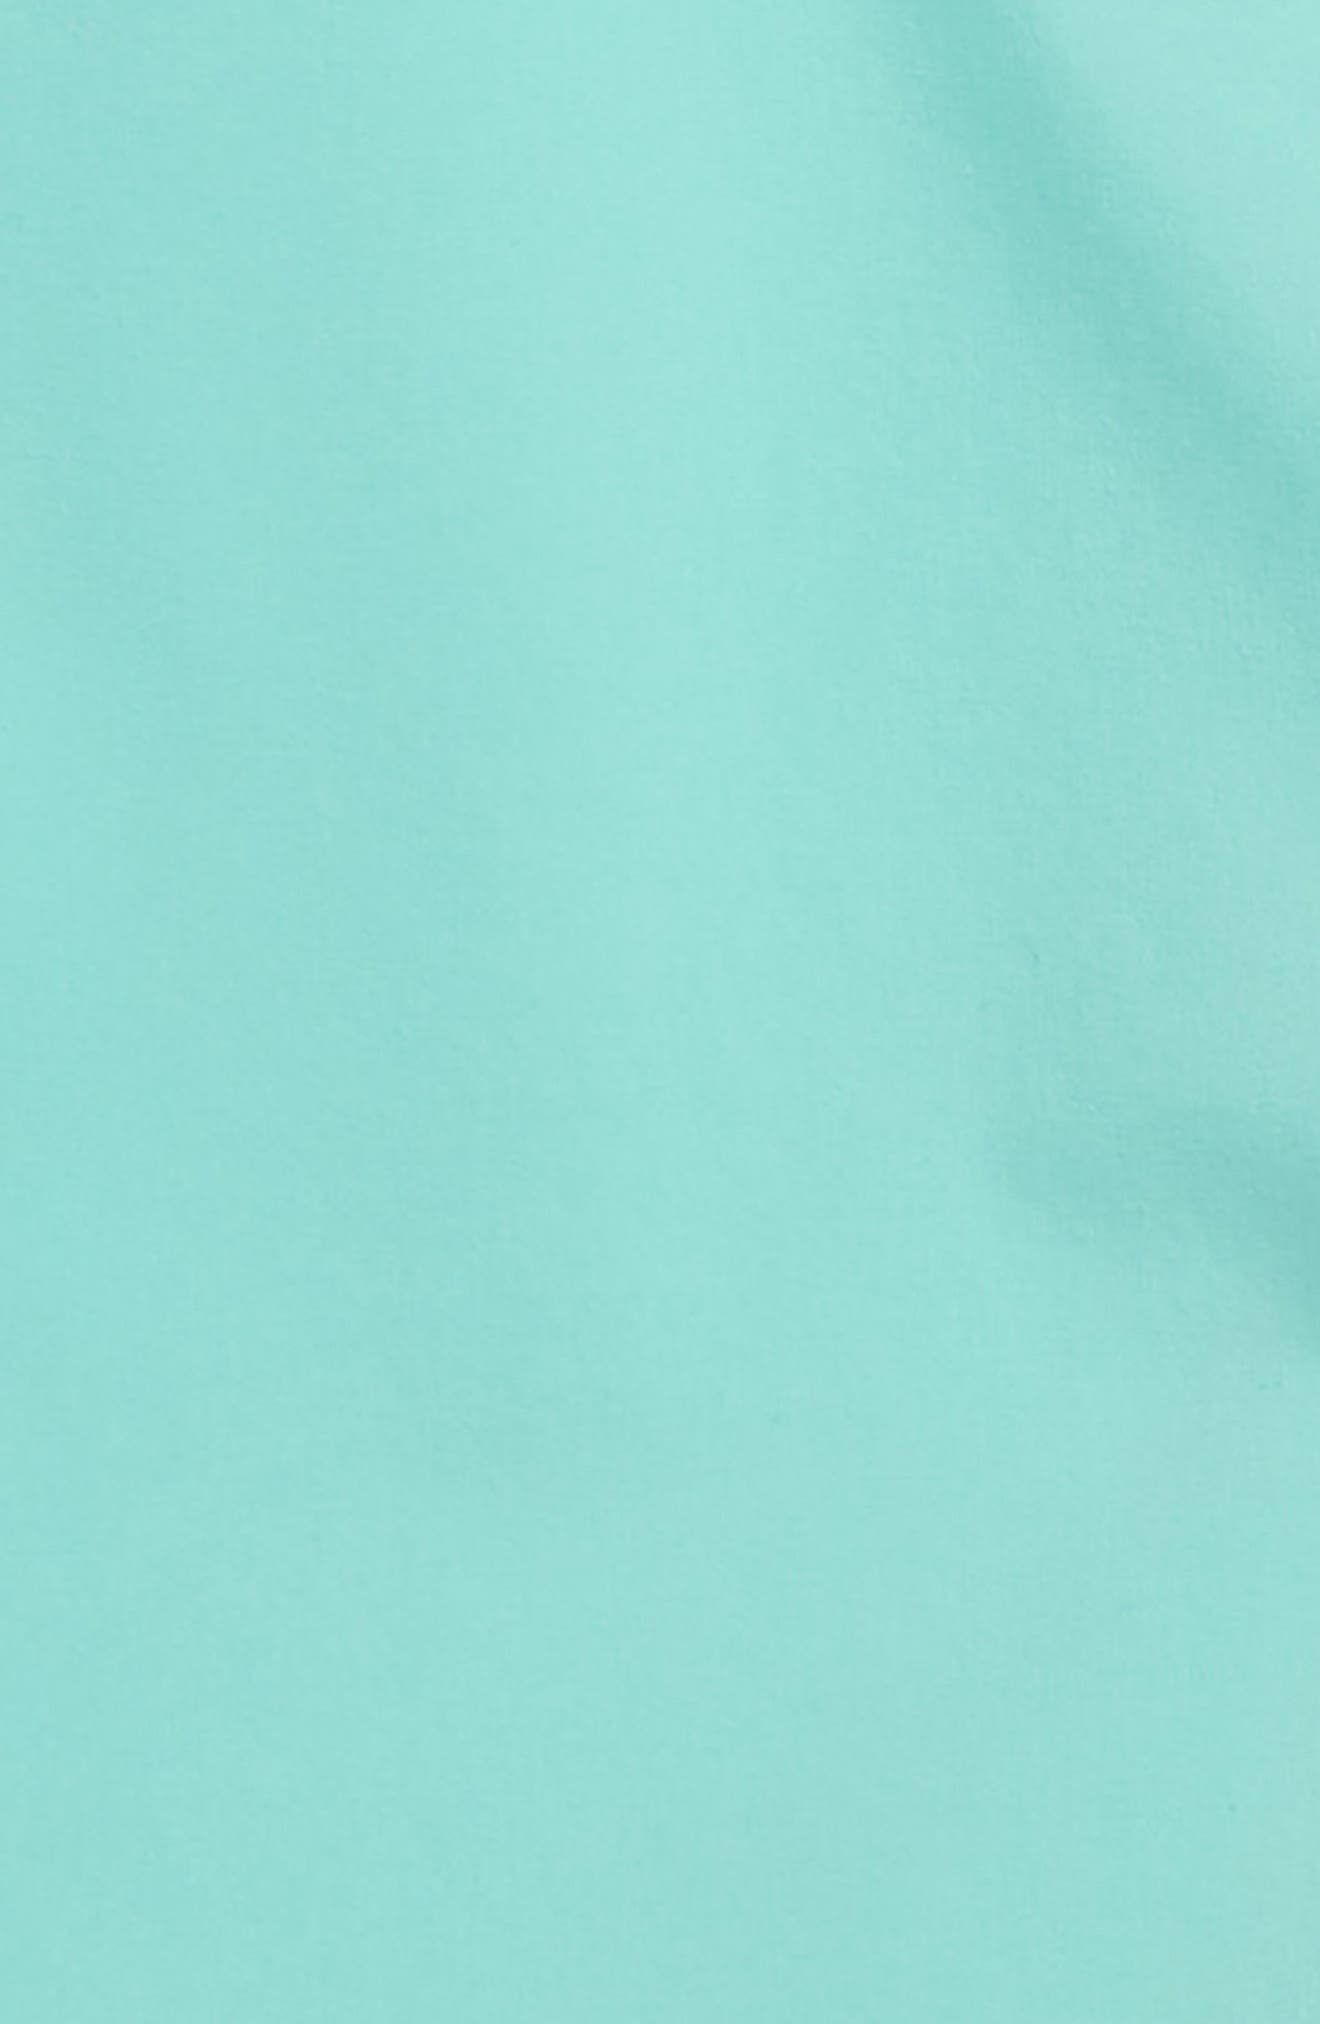 Performance Breaker Shorts,                             Alternate thumbnail 2, color,                             CAPRI BLUE